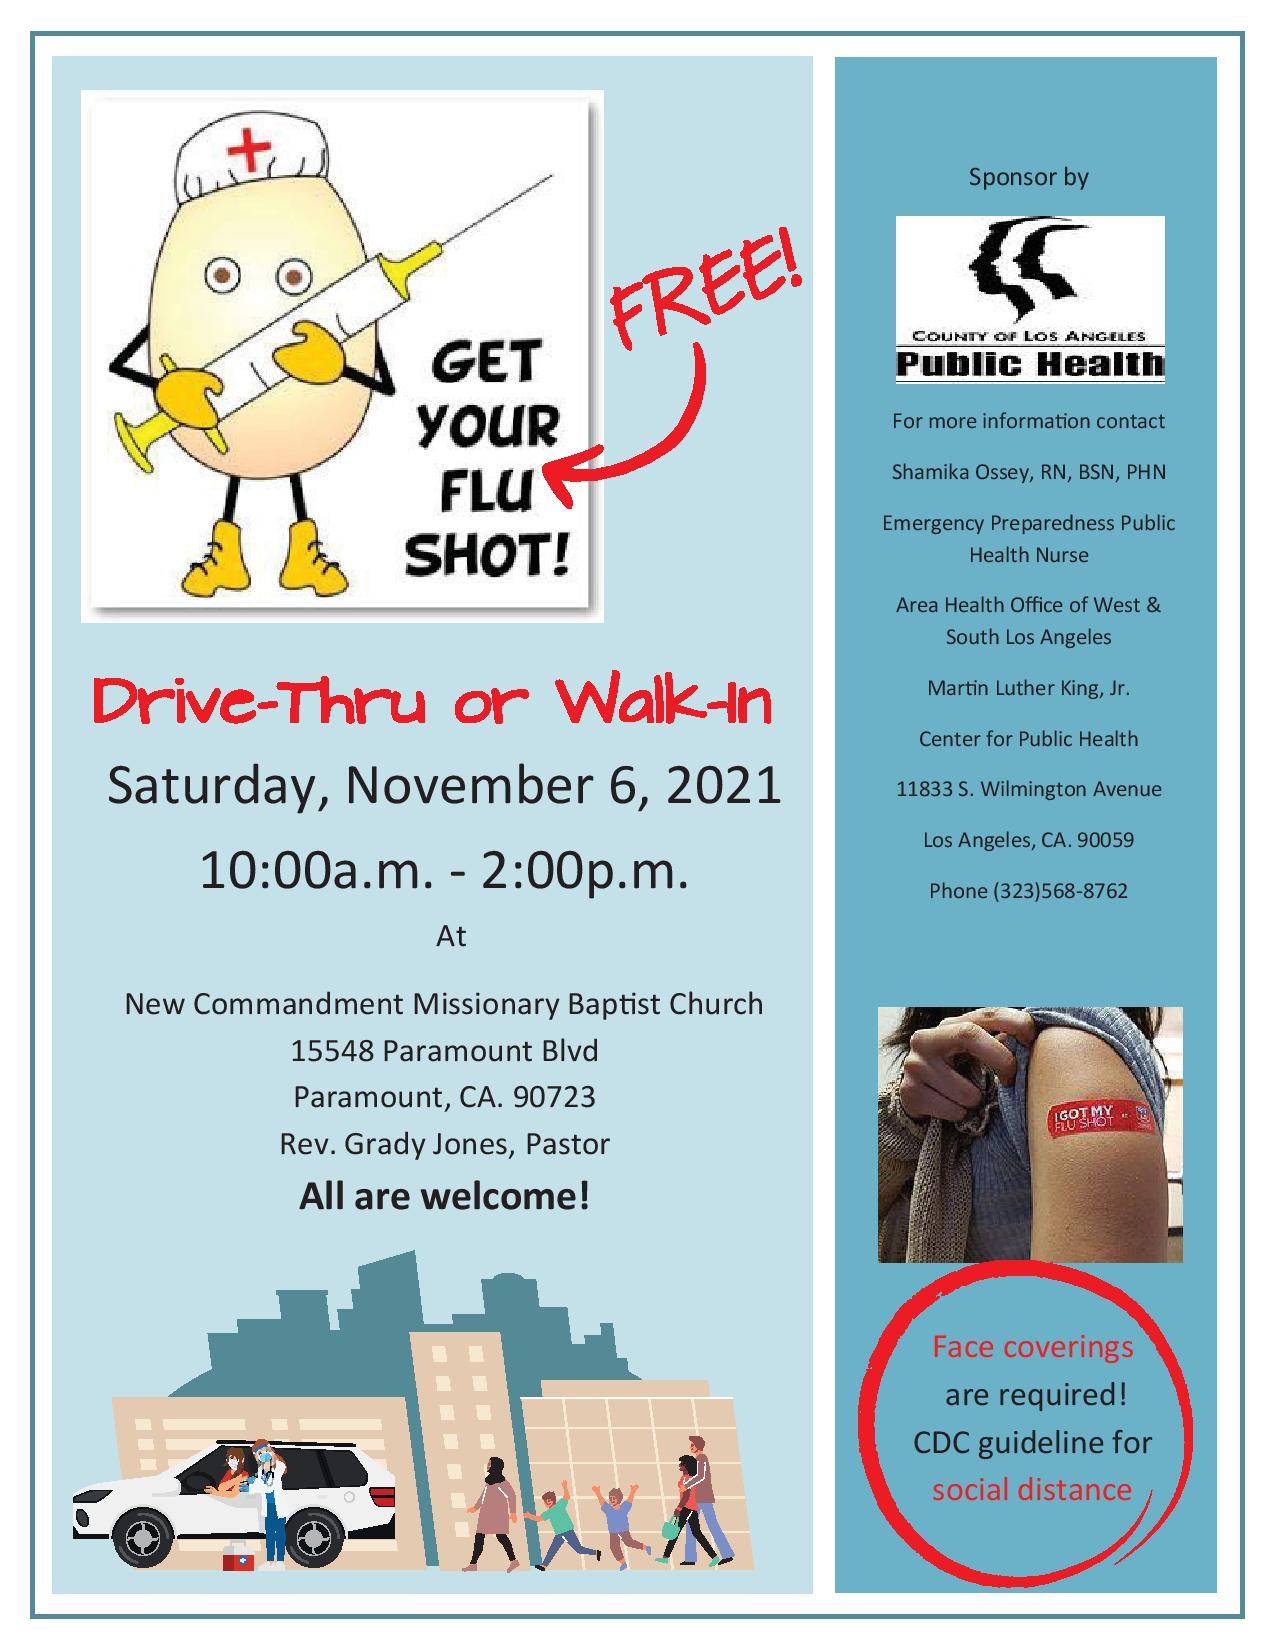 Free Flu Shots!